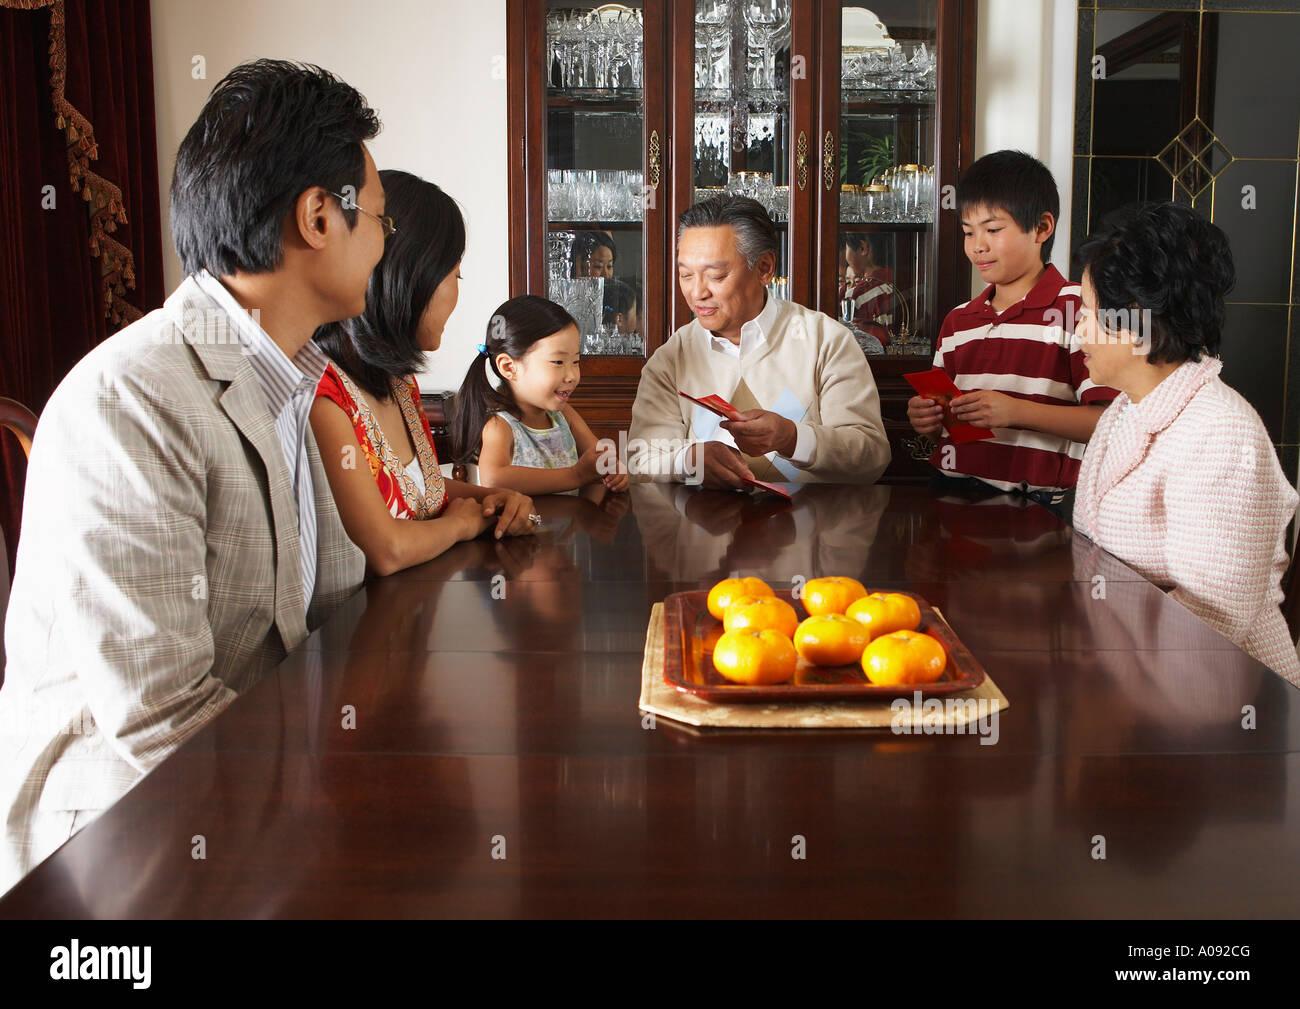 Famiglia Seduti Attorno Al Tavolo Da Pranzo Foto Stock Alamy